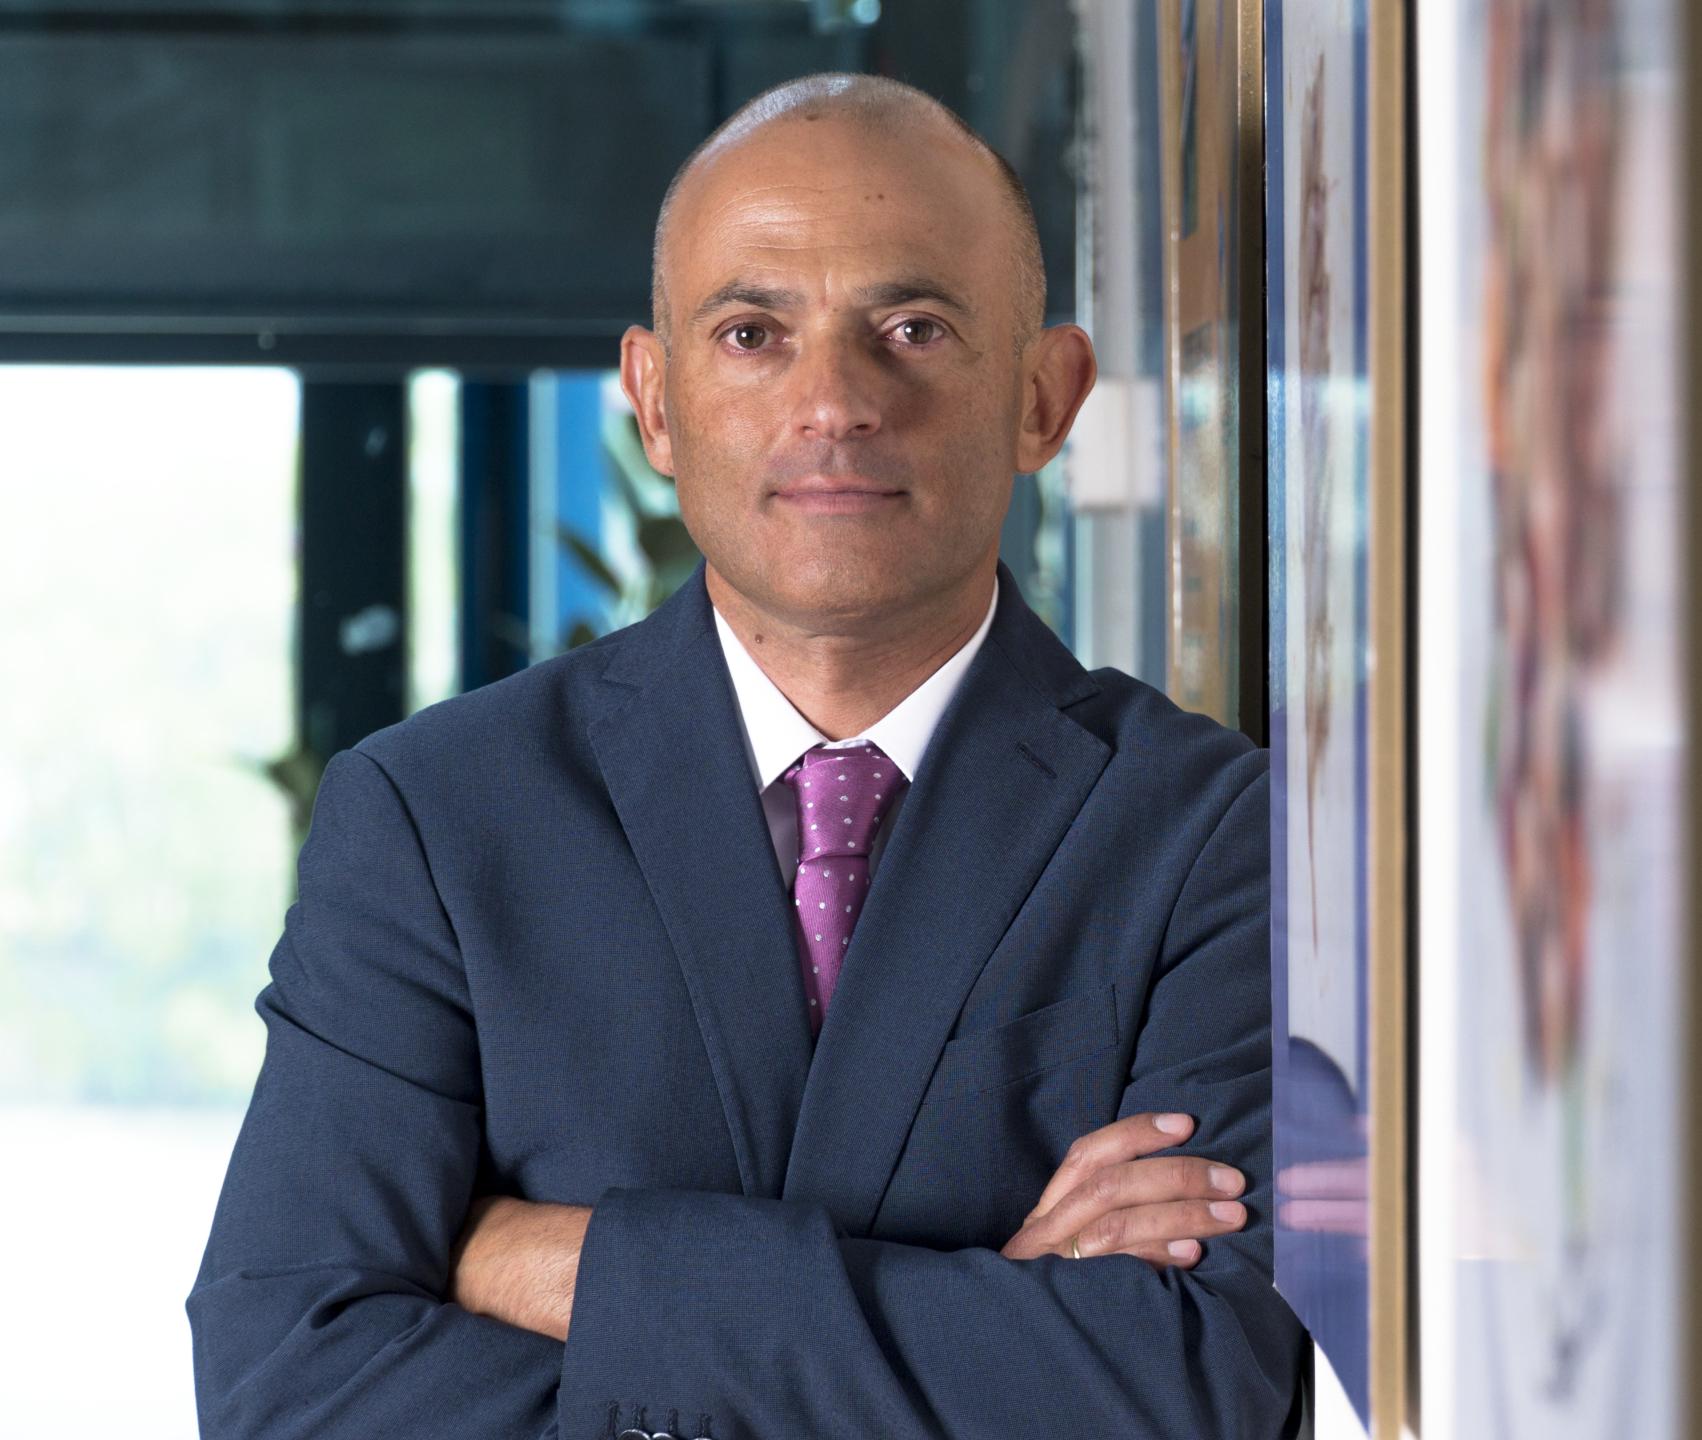 Entrevista al Director General, Francisco García Calero, por parte de la revista C84, de la Asociación de Fabricantes y Distribuidores.